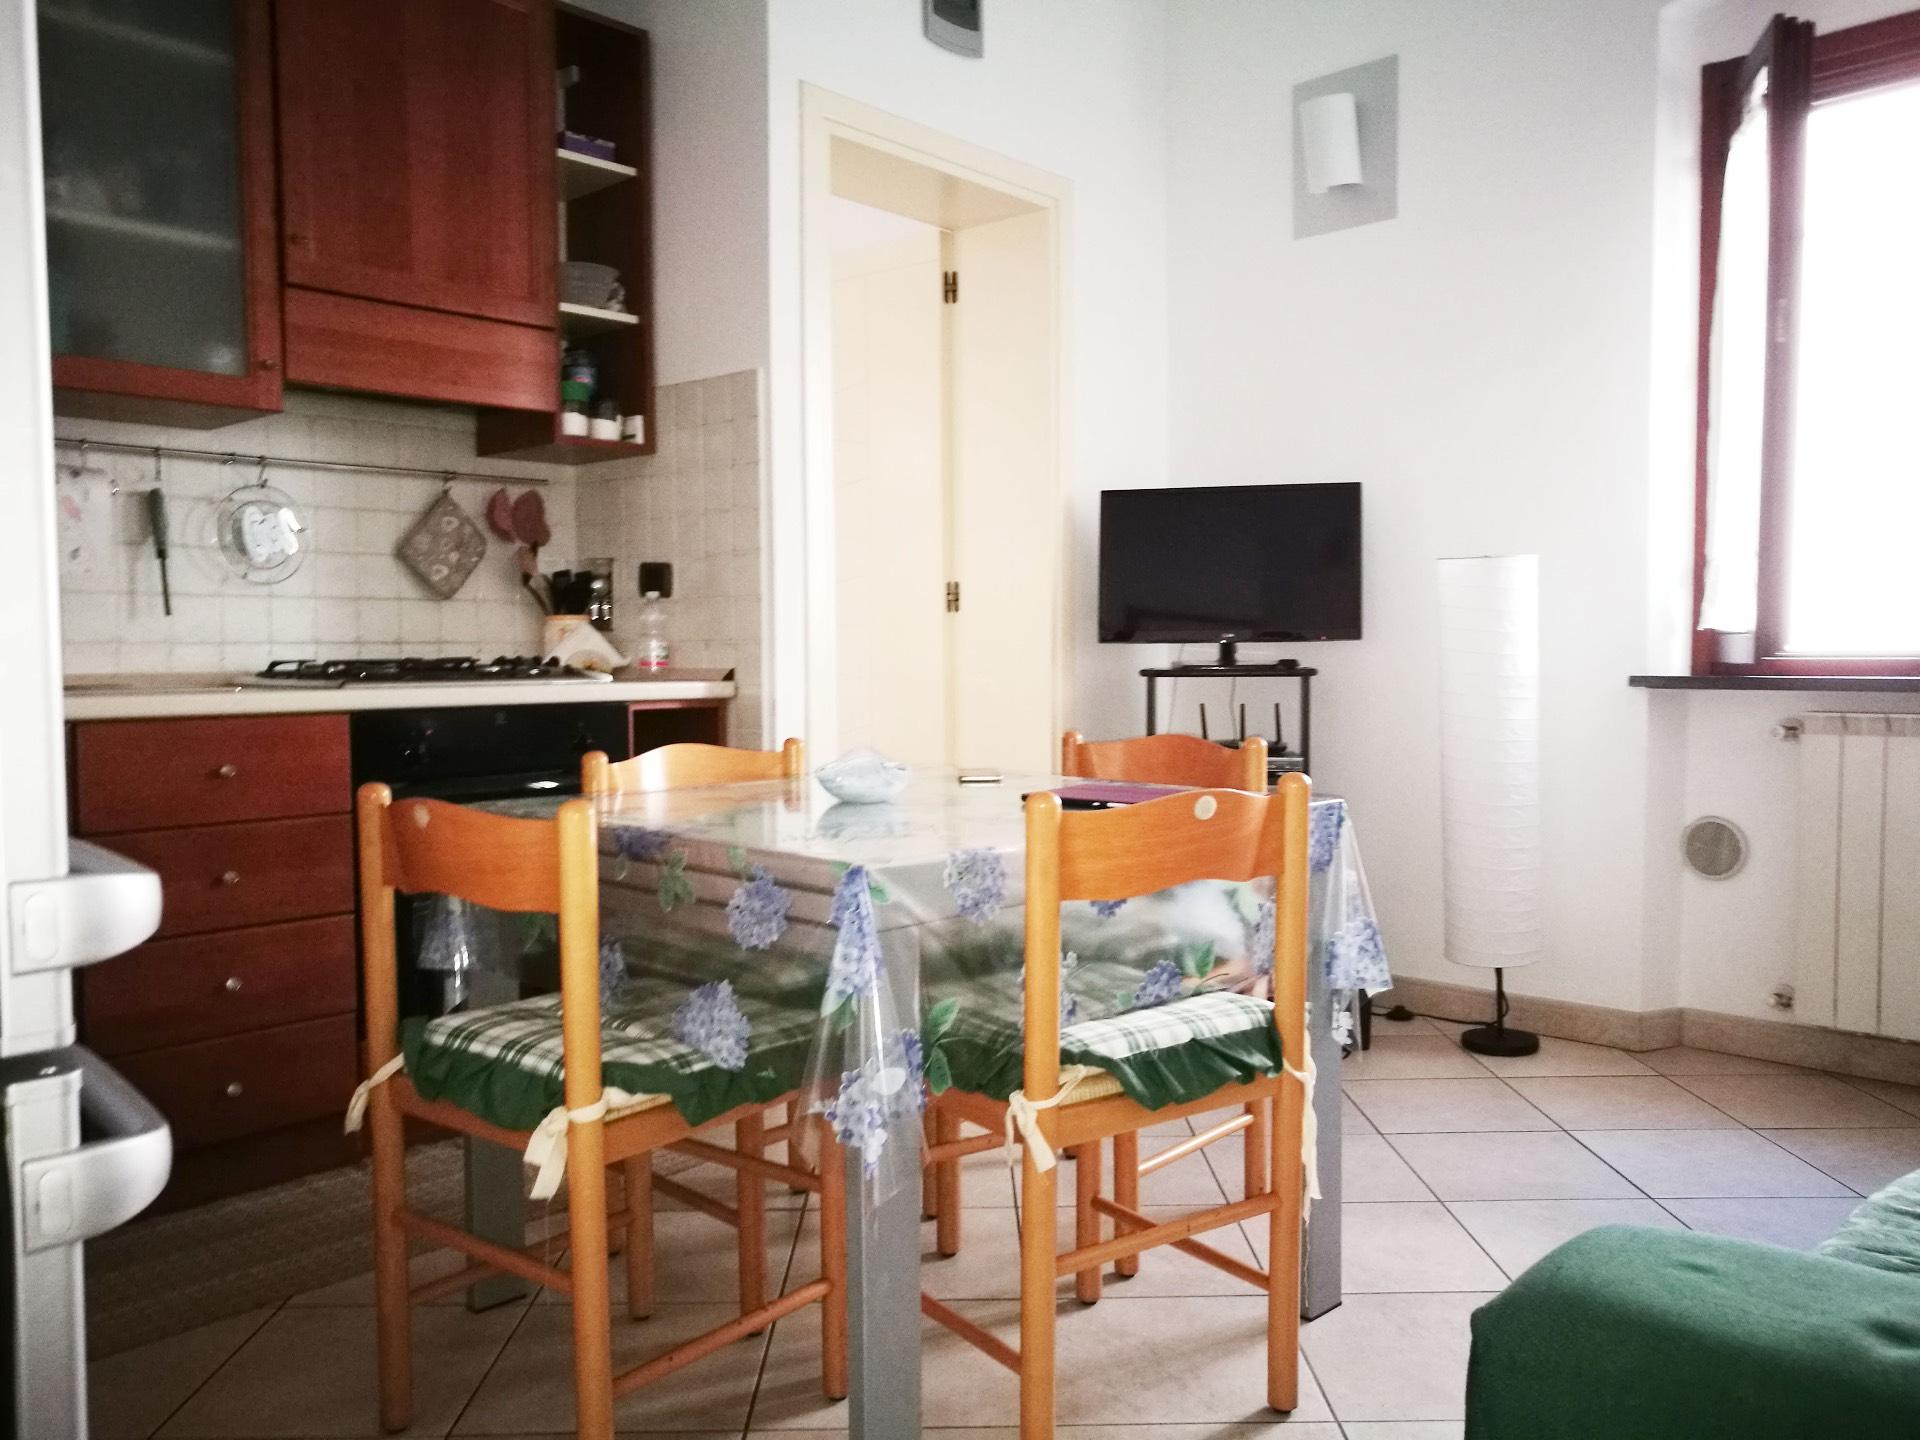 Appartamento in affitto a Pontedera, 3 locali, zona Località: Oltrera, prezzo € 450 | CambioCasa.it